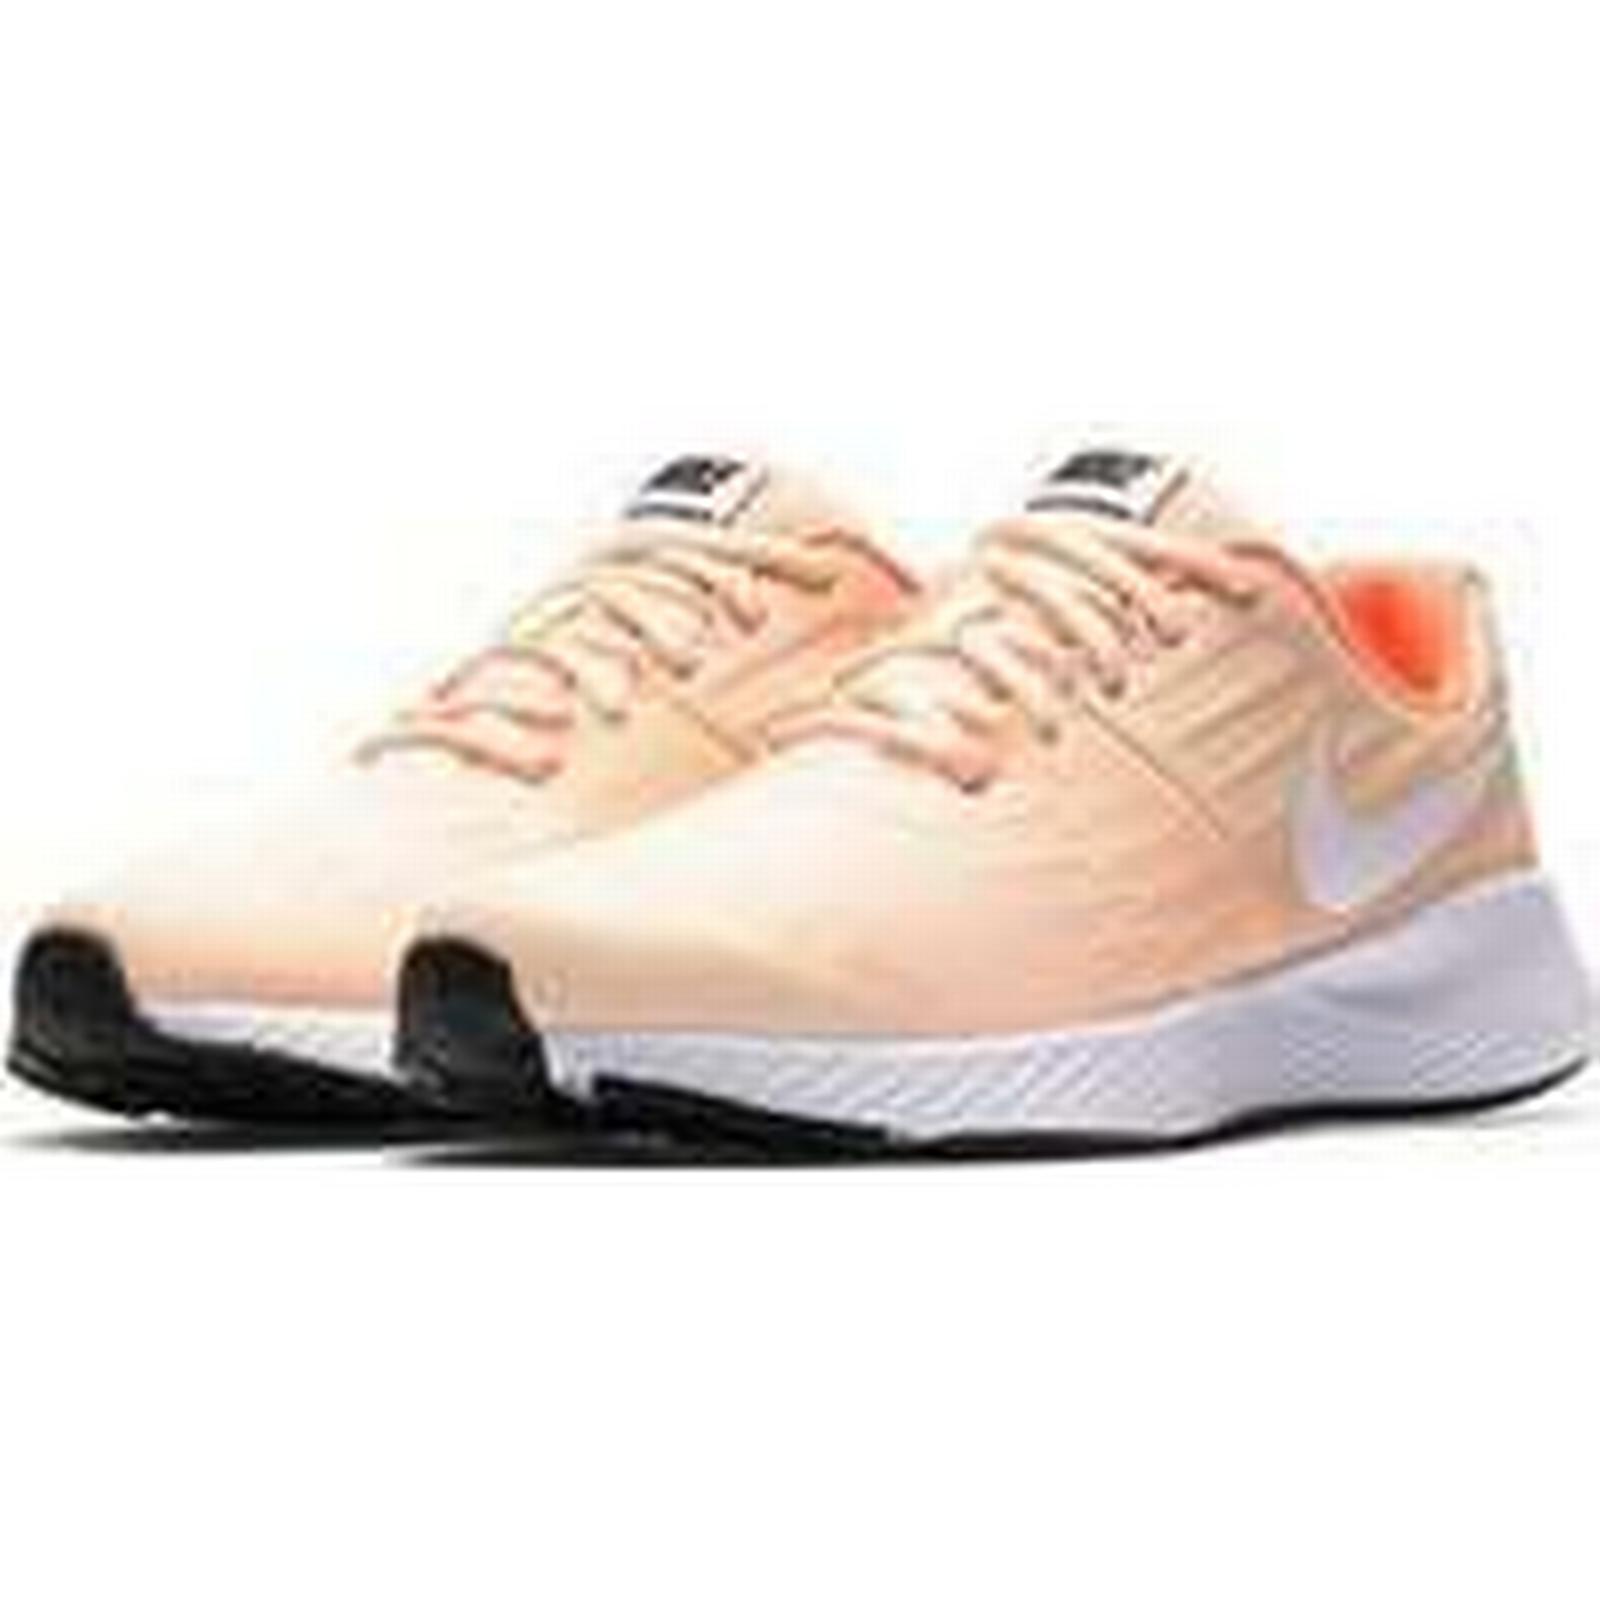 Spartoo.co.uk women's Nike Girls' Star Runner (GS) Running Shoe 907257 women's Spartoo.co.uk Shoes (Trainers) in Other 80c69d